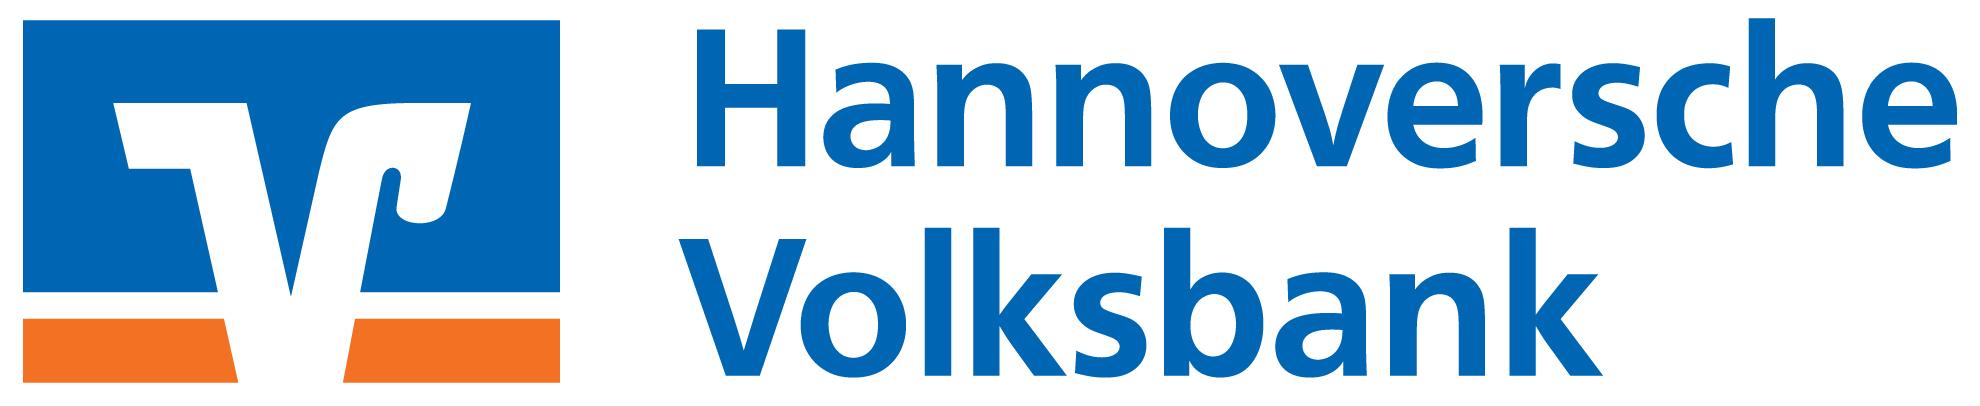 Hannoversche Volksbank eG SelbstbedienungsCenter Egestorf